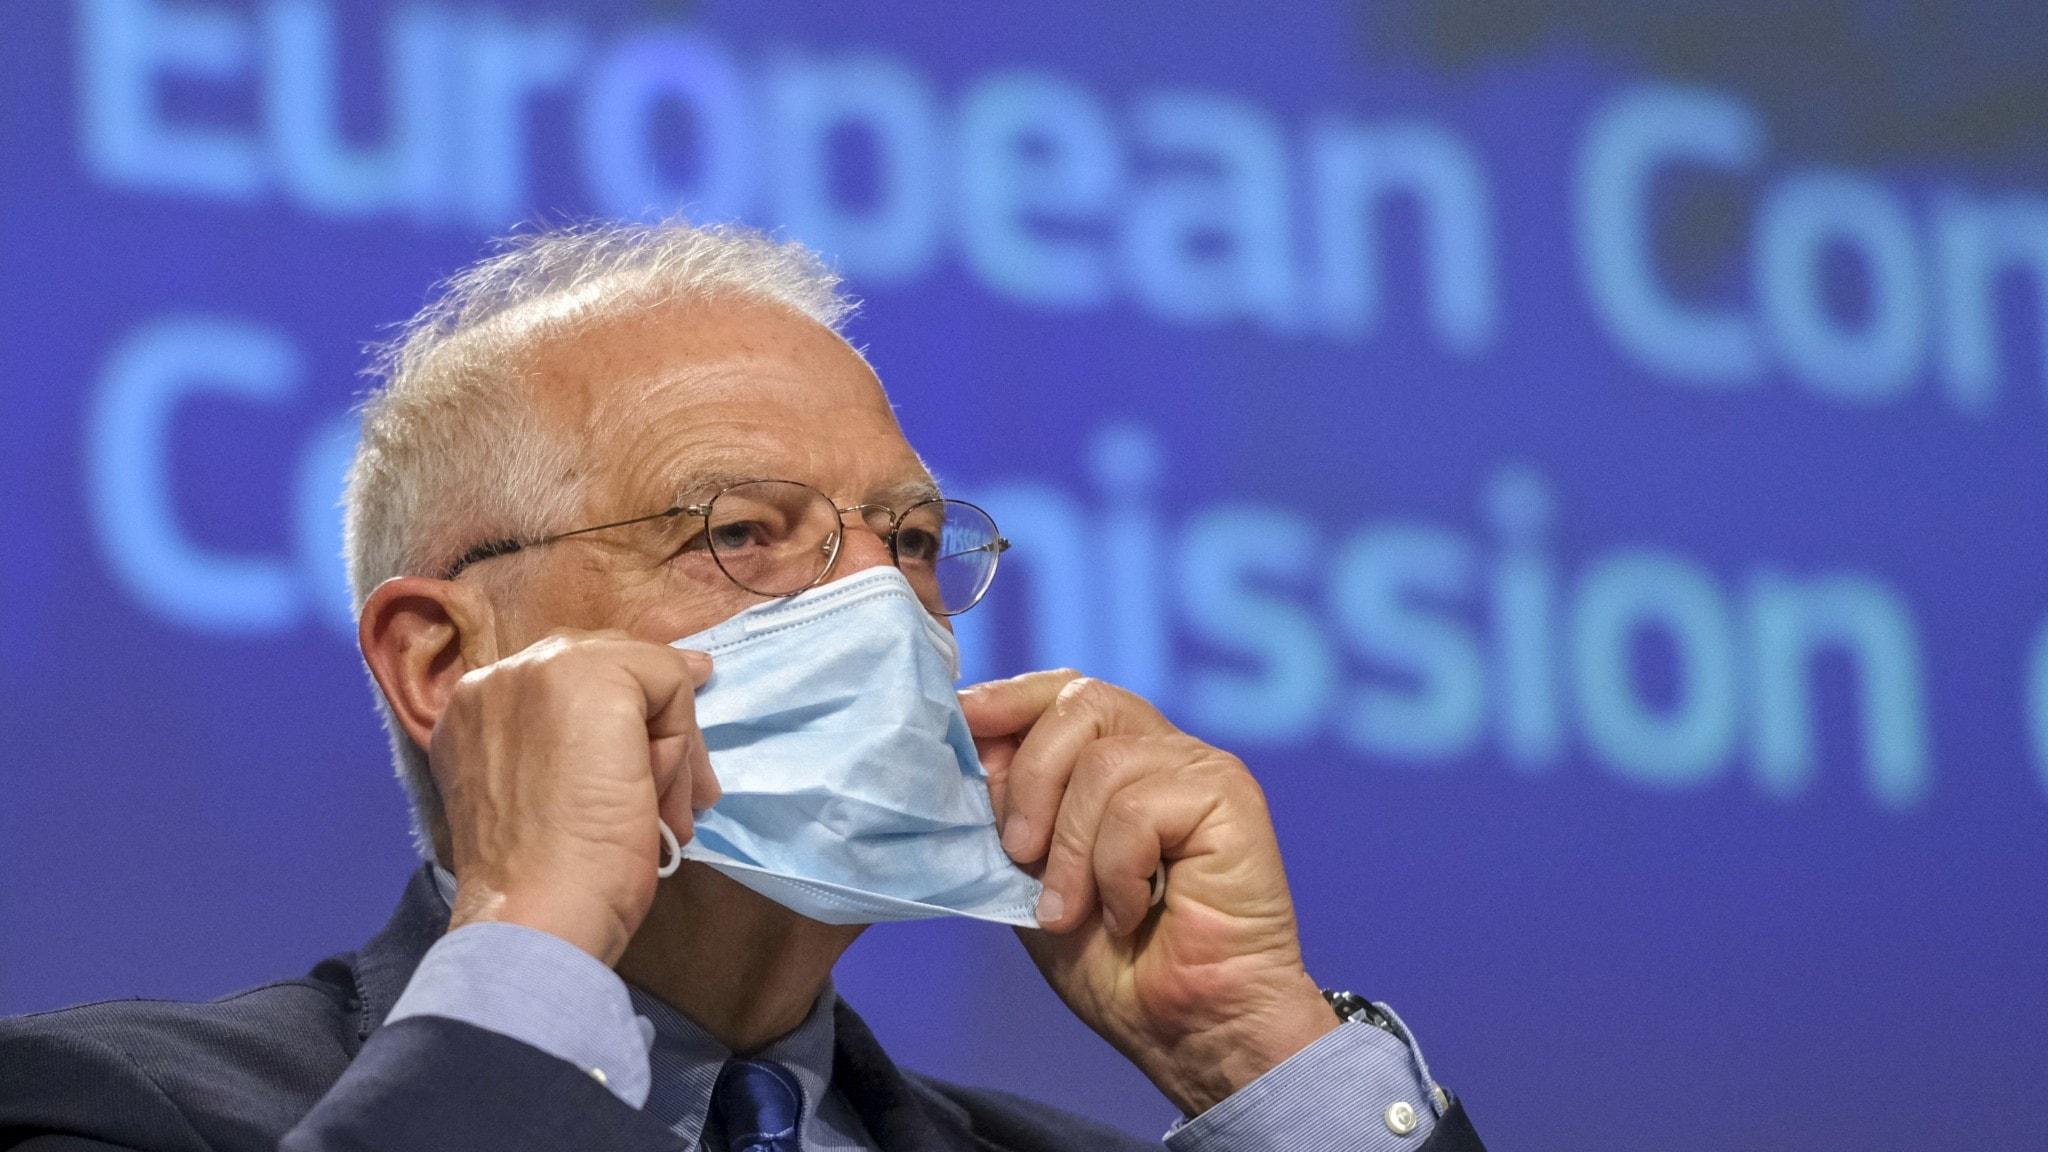 EU:s utrikeschef Josep Borrell tar på sig skyddsmask under en pressträff.